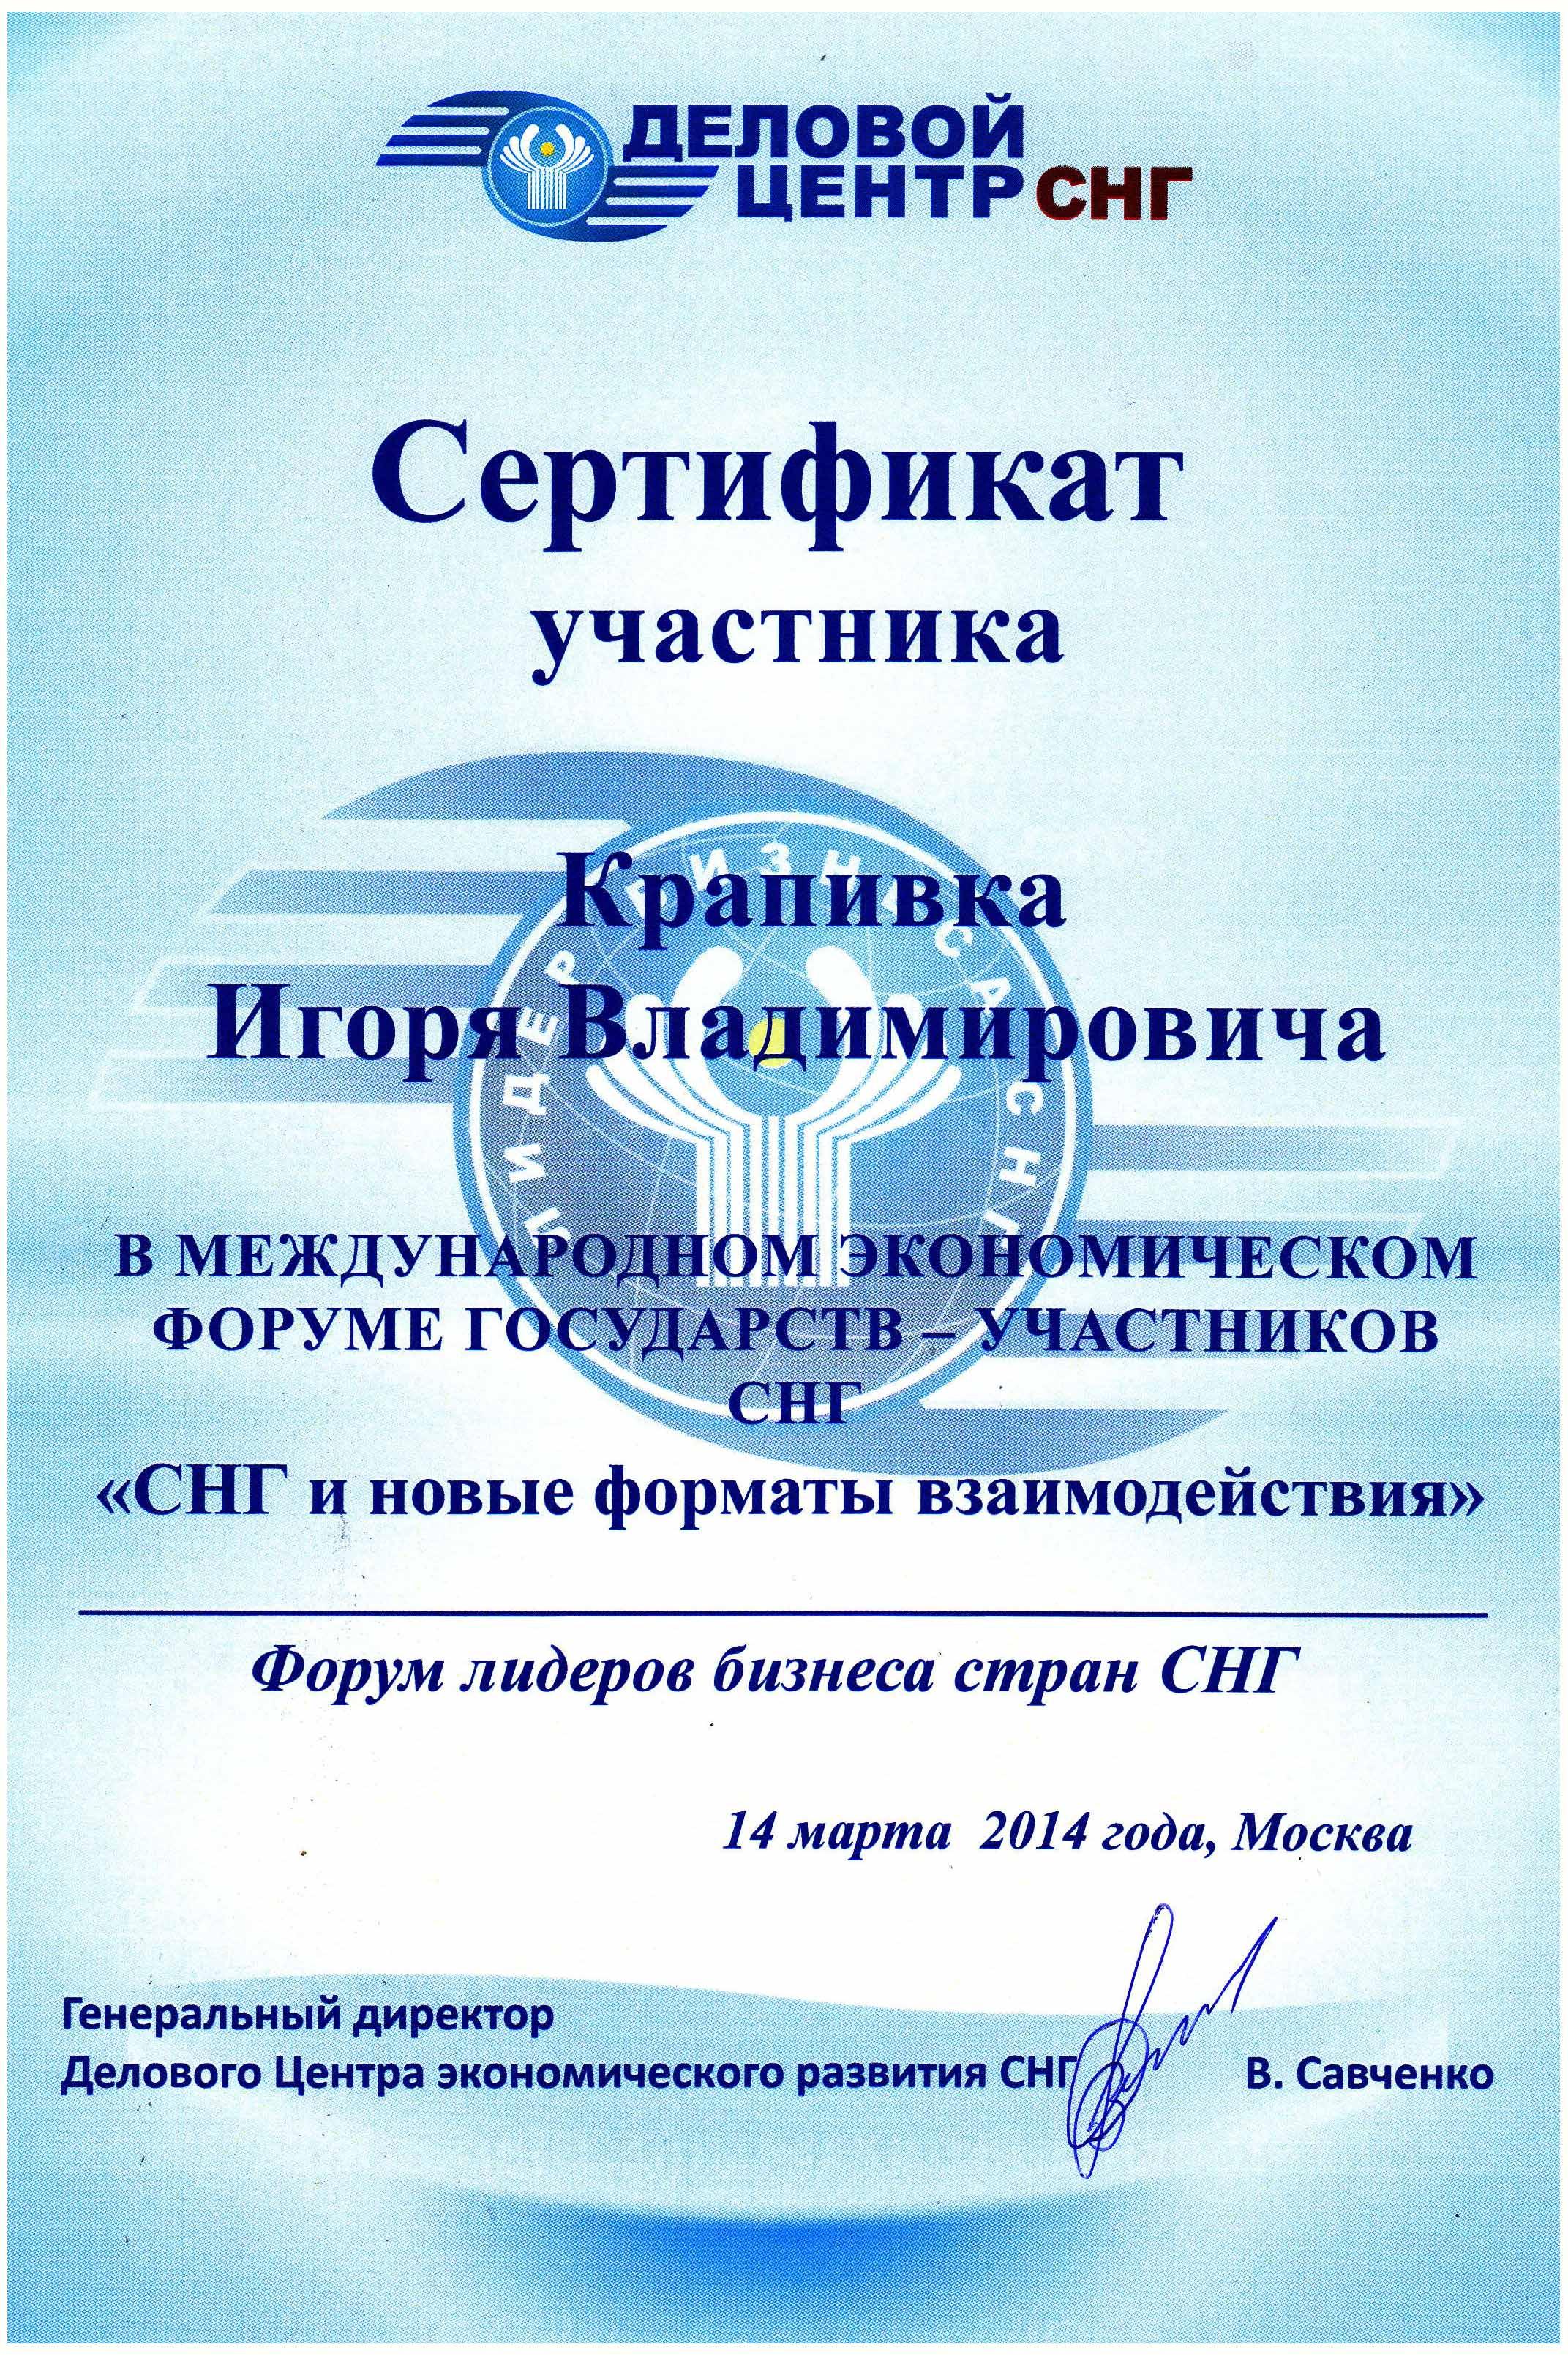 Участие в международном экономическом форуме государств участников СНГ  март 2014 года, г. Москва, РФ